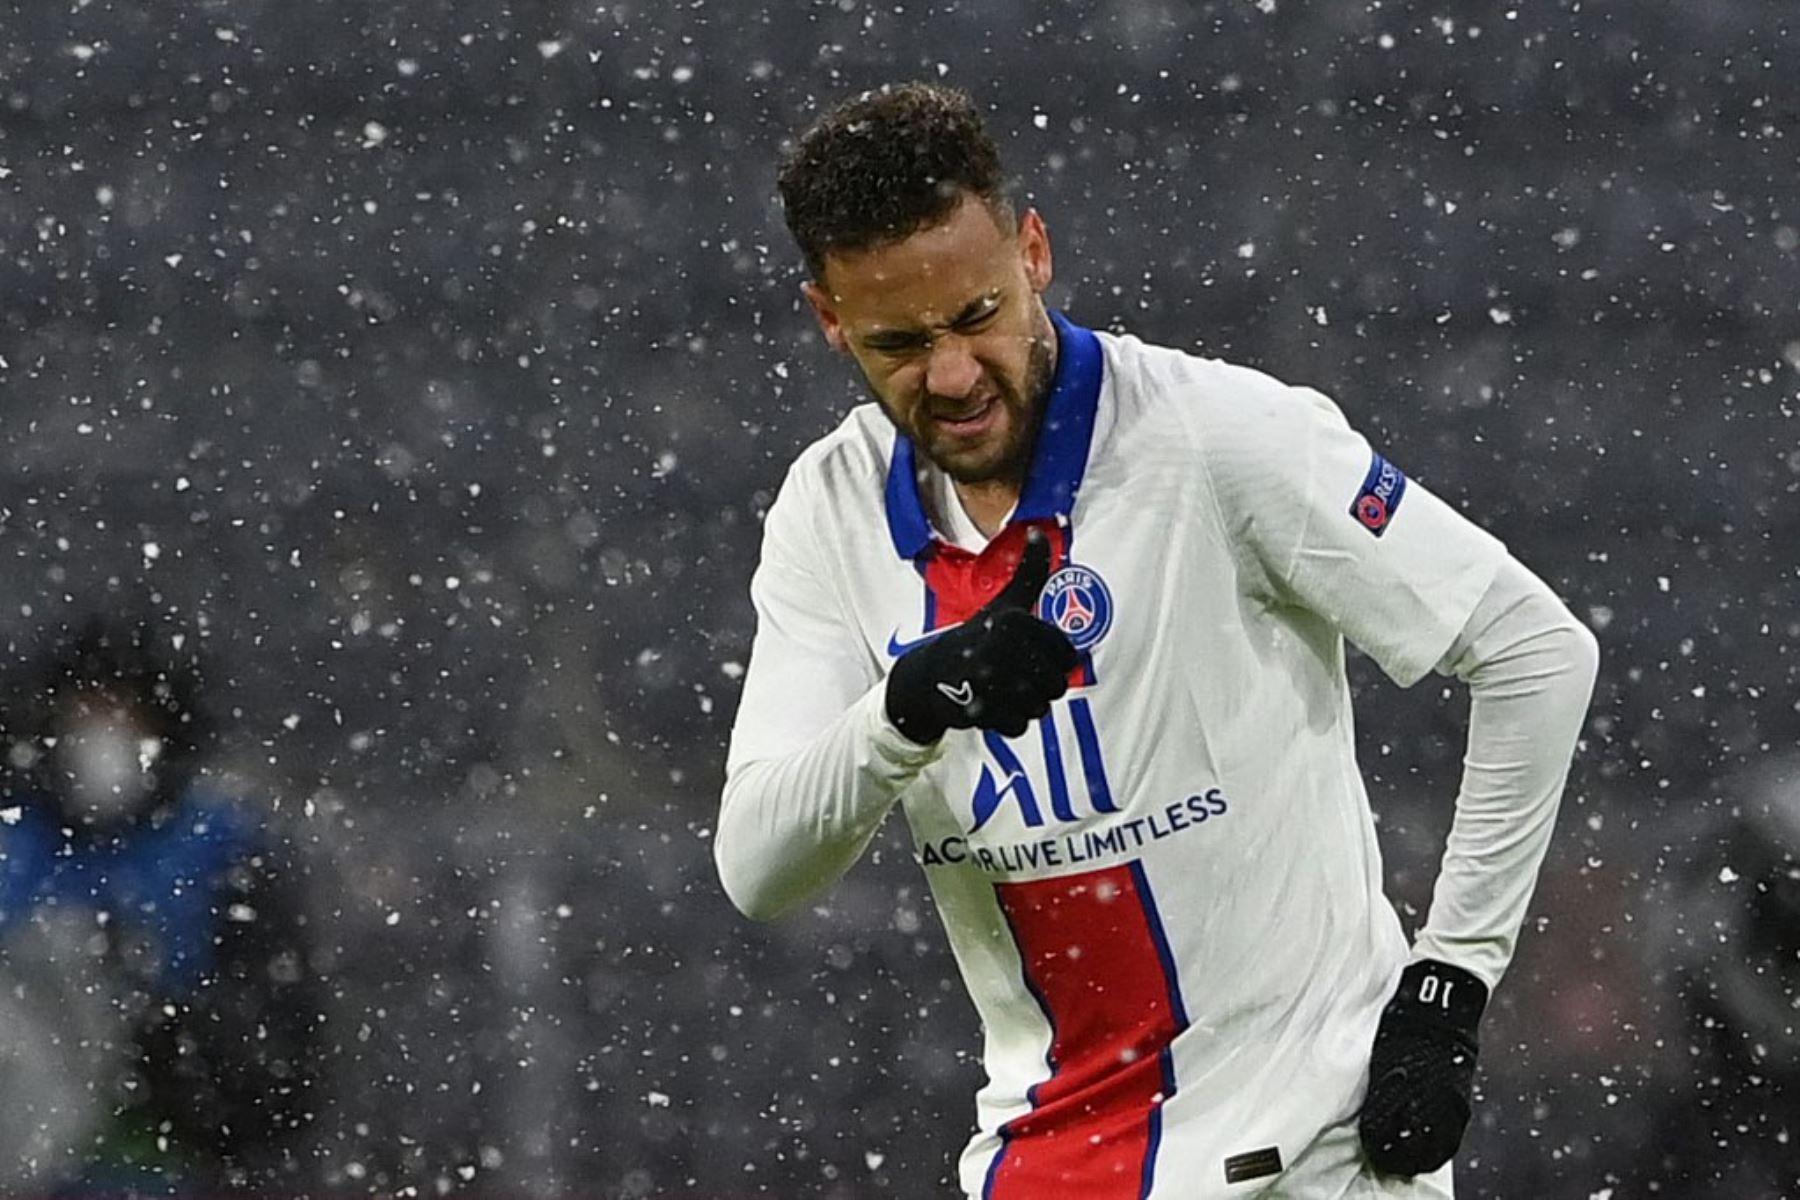 El delantero brasileño del Paris Saint-Germain, Neymar, celebra después de que el delantero francés del Paris Saint-Germain, Kylian Mbappé (no en la imagen), anotó el 0-1 durante el partido de ida de cuartos de final de la UEFA Champions League entre el FC Bayern de Múnich y el Paris Saint-Germain.  Foto:AFP